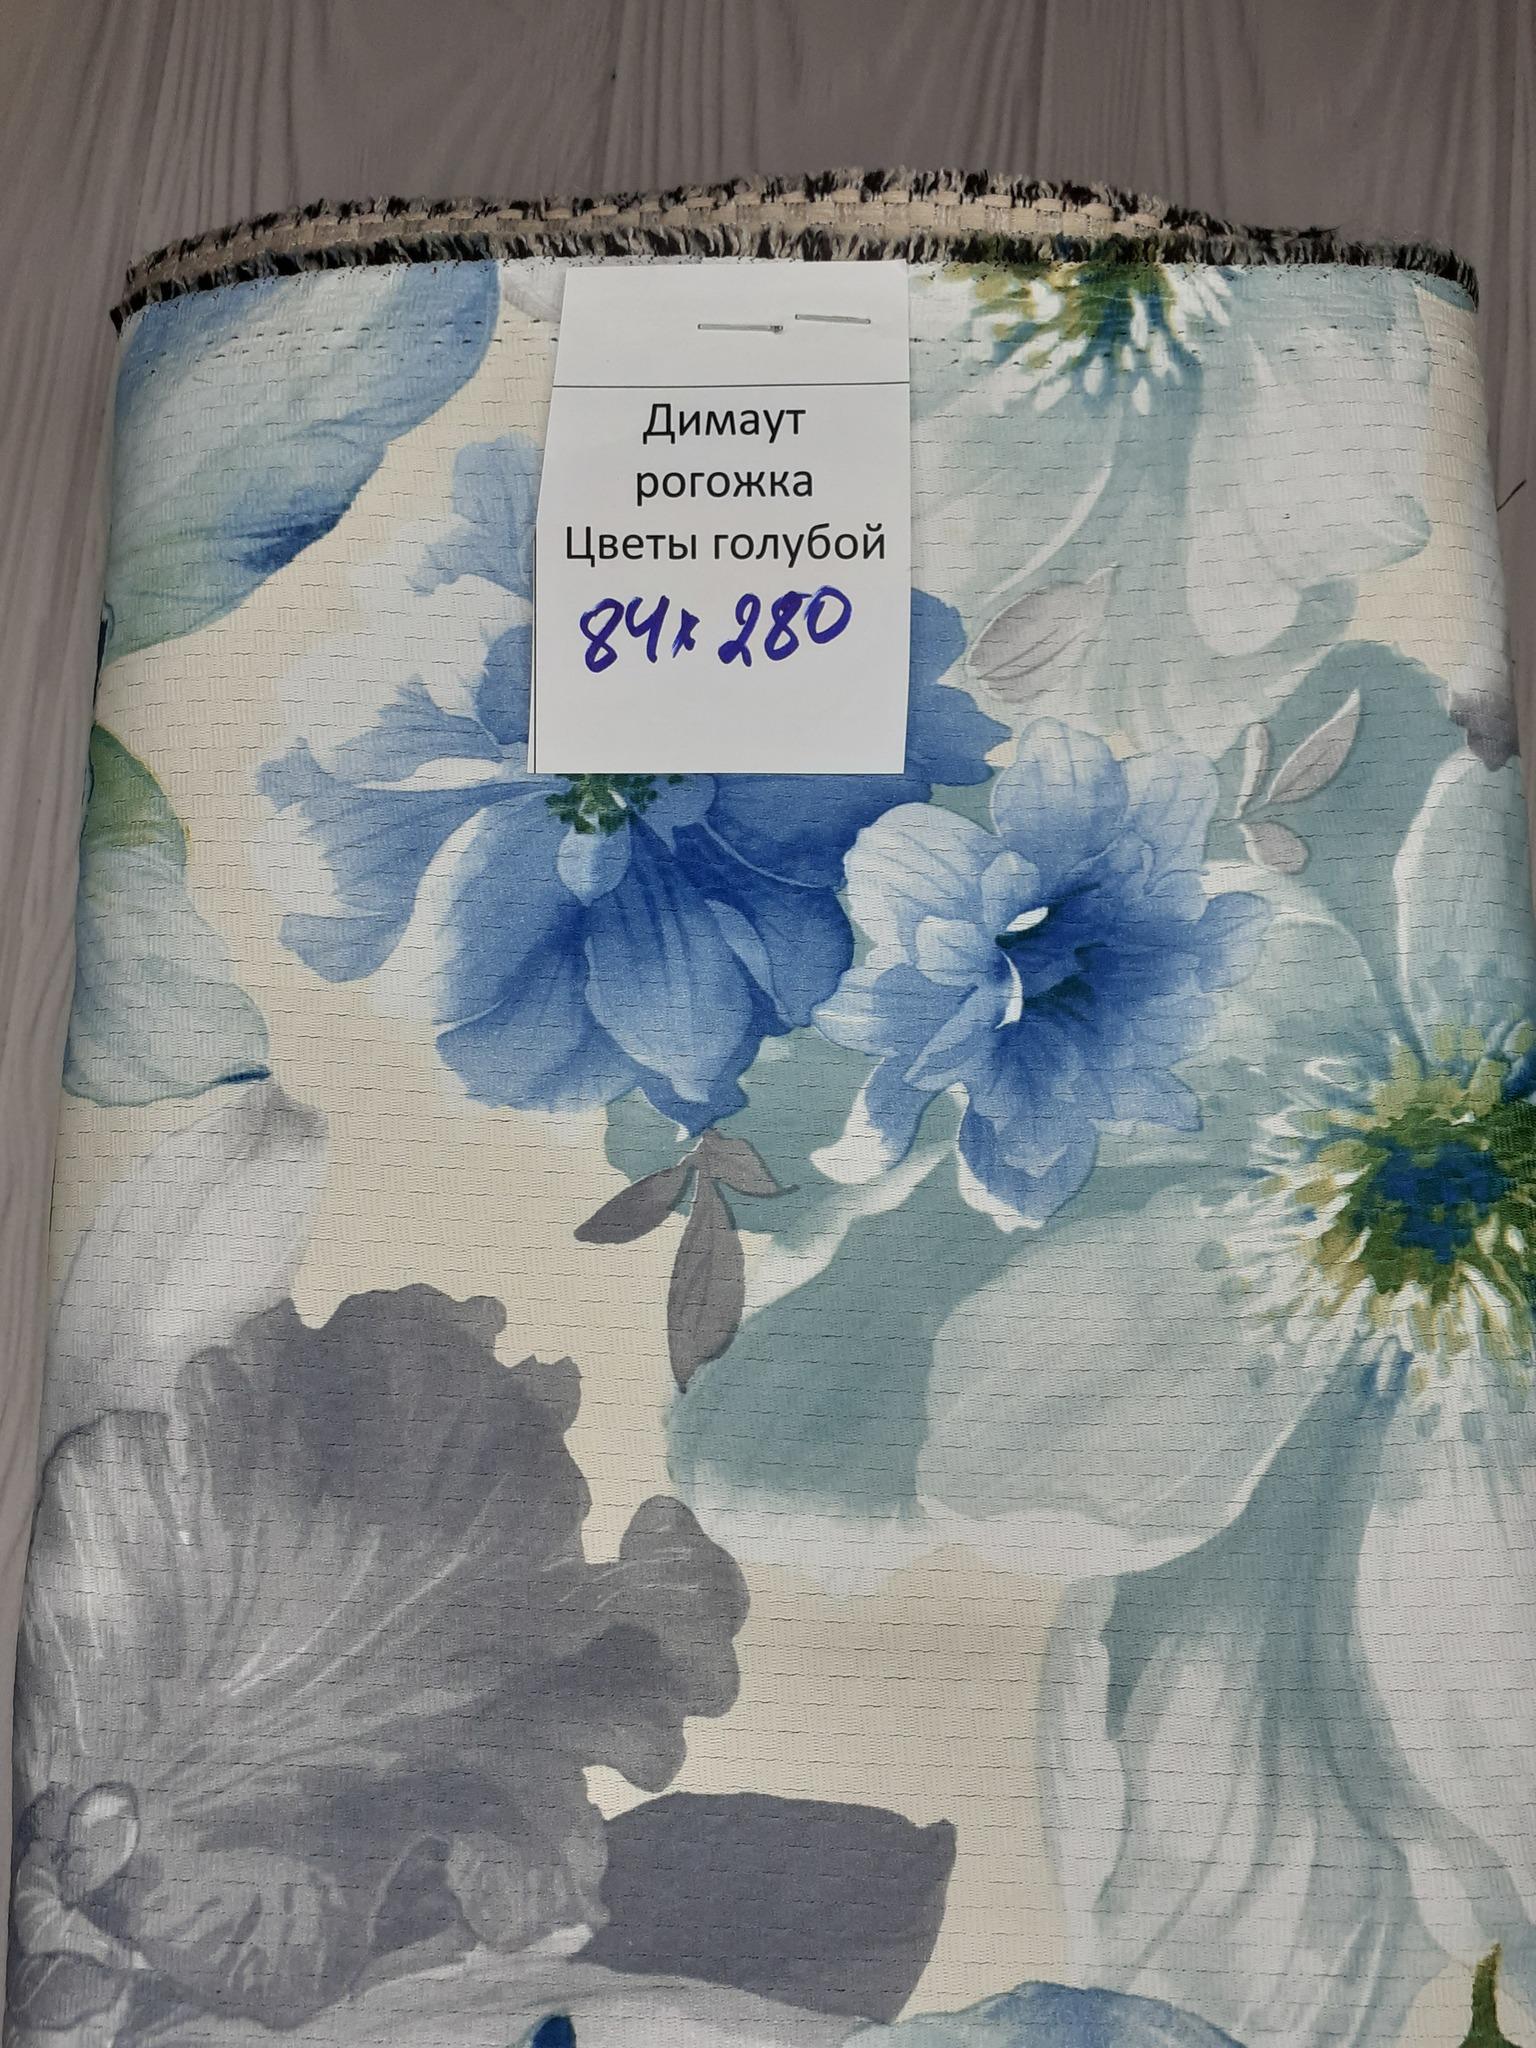 Димаут Рогожка цветы голубой (лоскут)